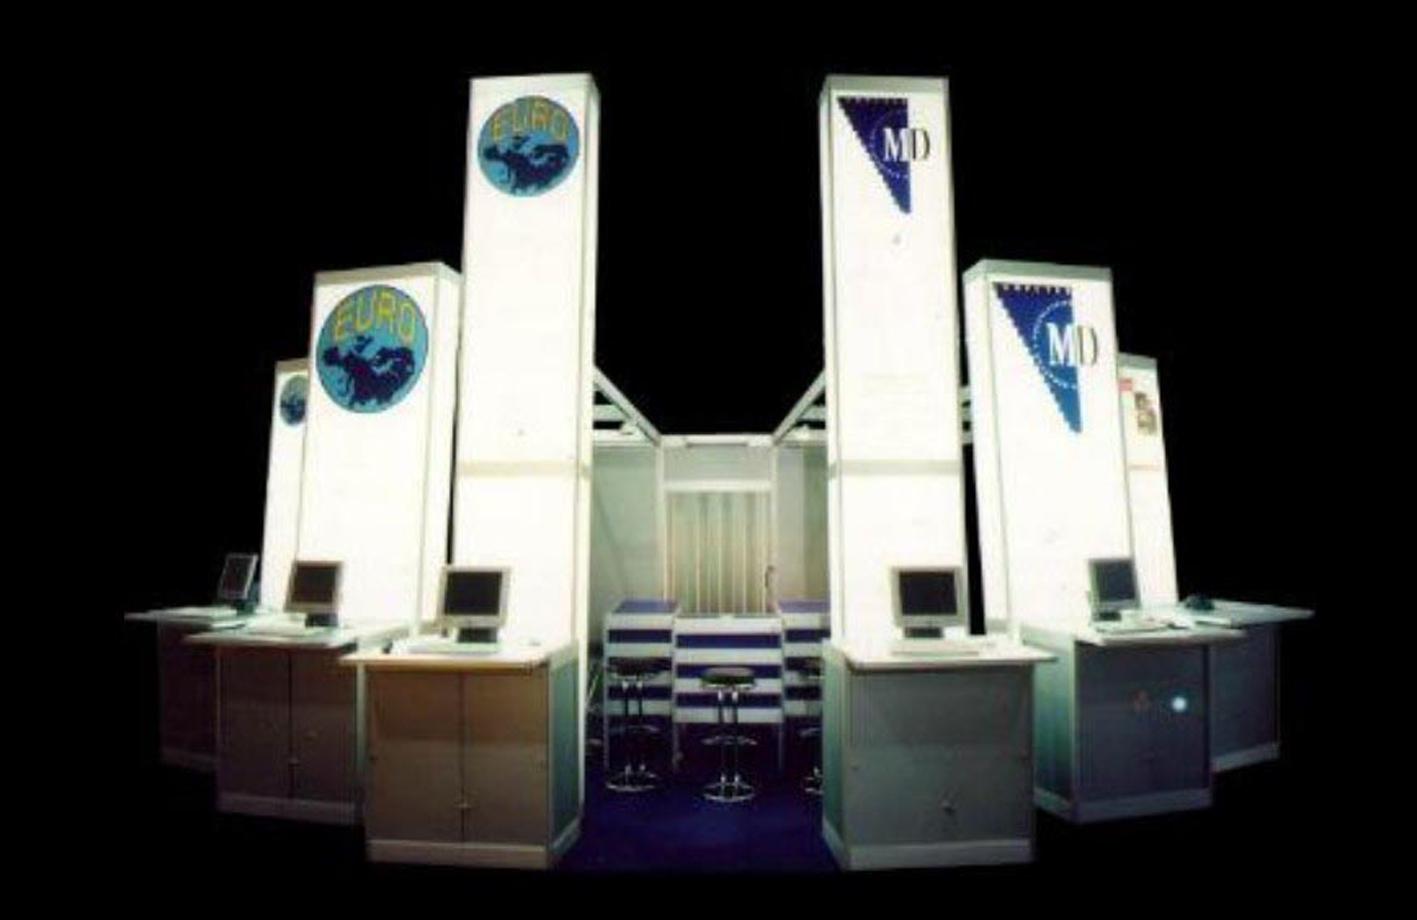 Eleganter Infostand mit Fernwirkung. Hinterleuchtete Säulen, Grafiken auf Acrylglas